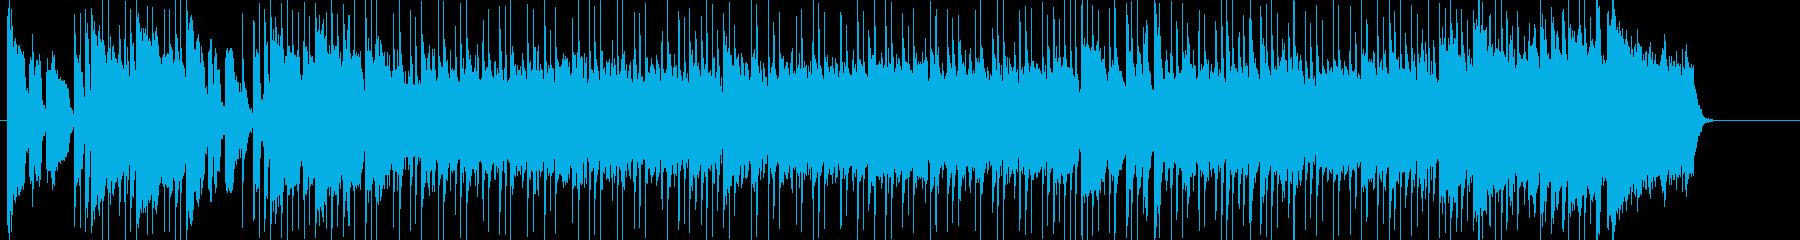 オープニング向けのわくわくポップスの再生済みの波形